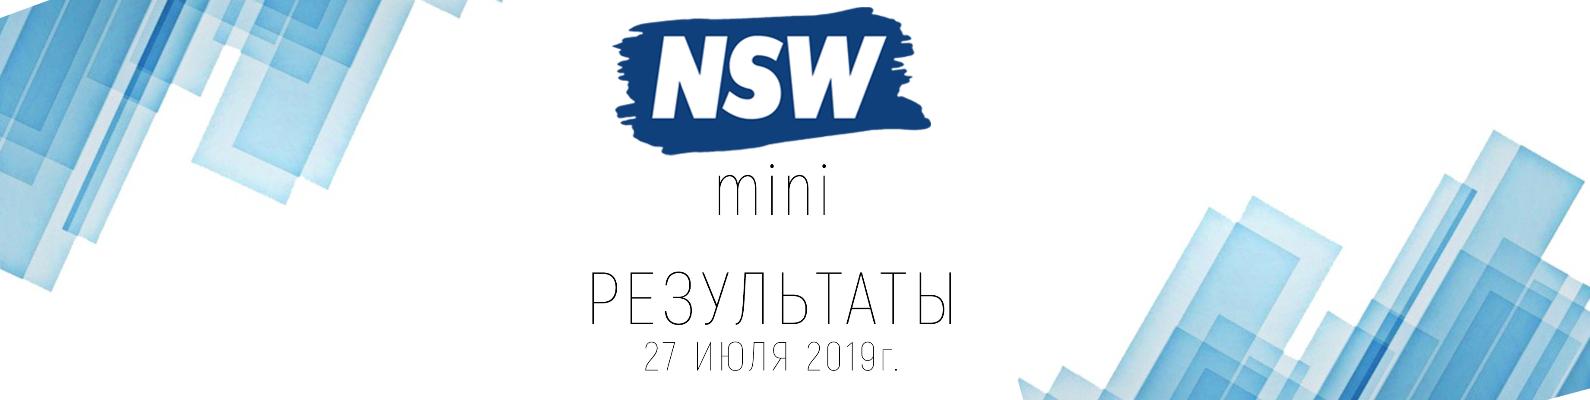 Результаты шоу NSW mini (27/07)